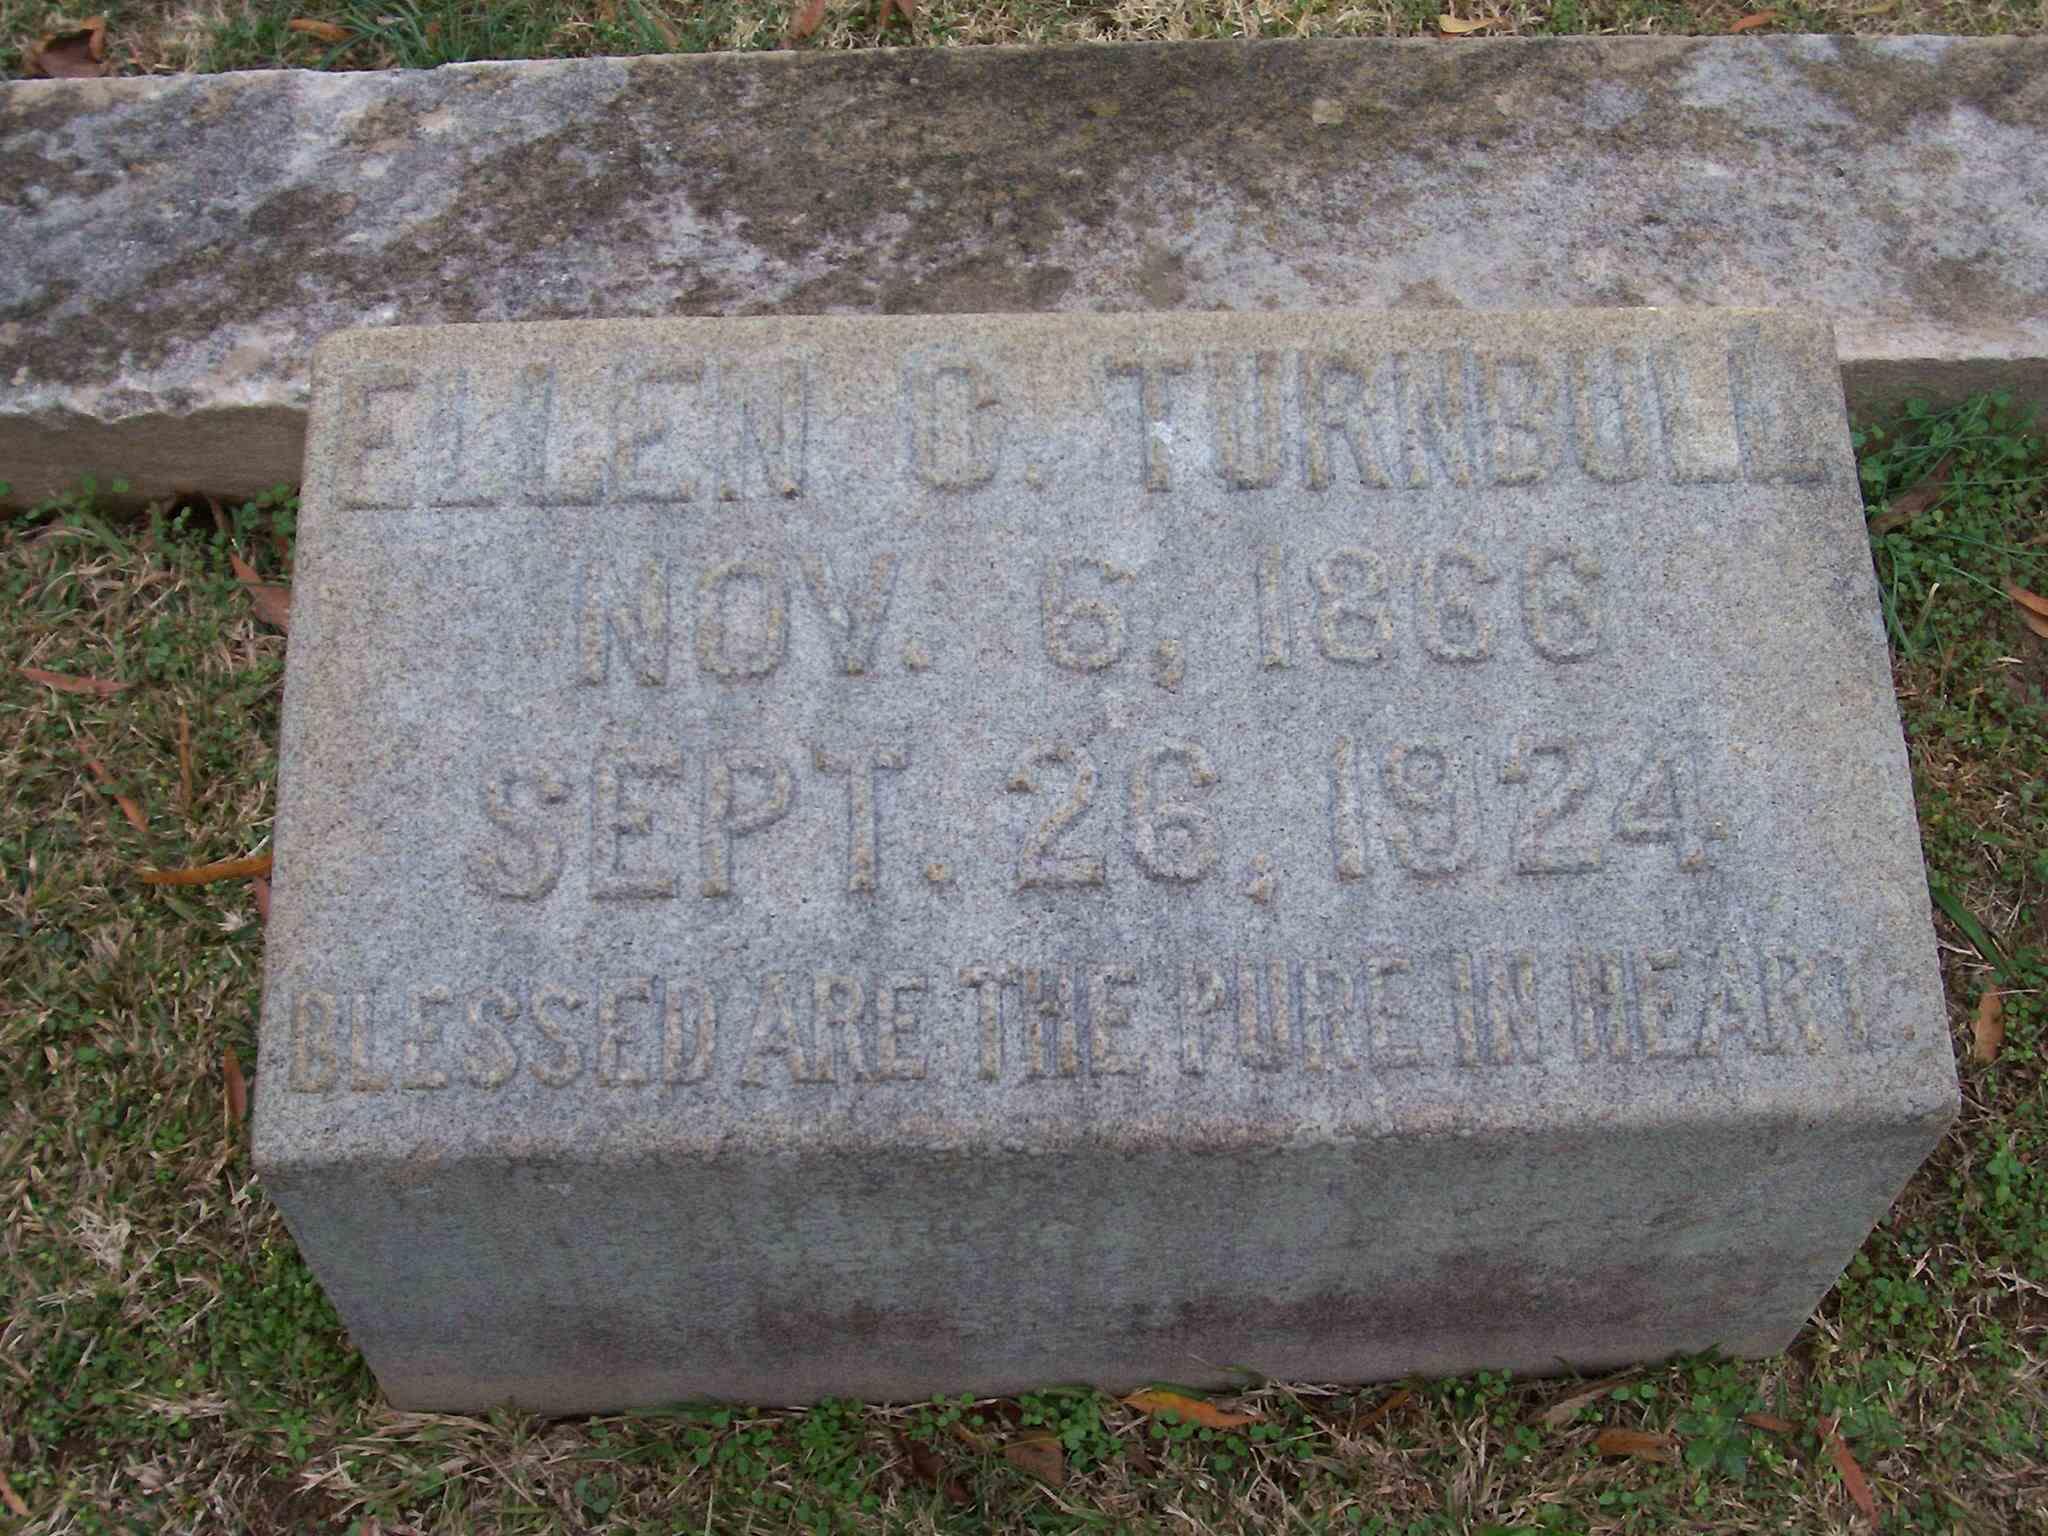 Ellen C. Turnbull